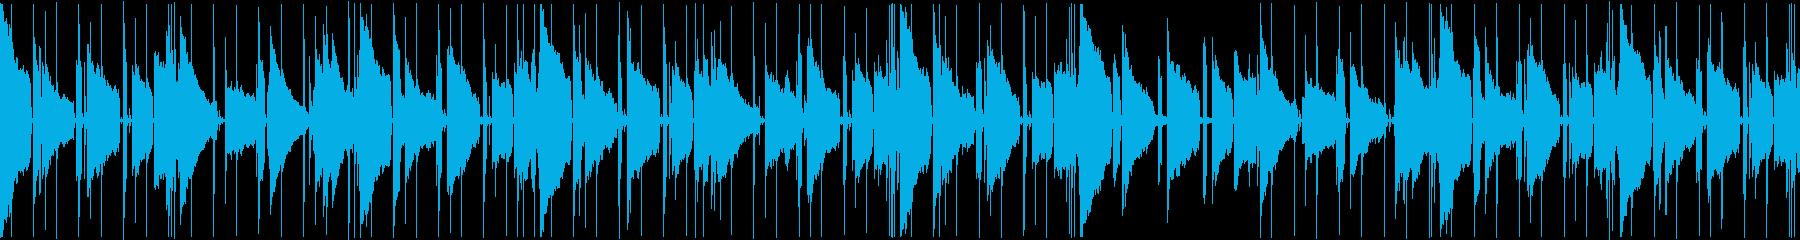 色っぽいエレキギターが響くループの再生済みの波形